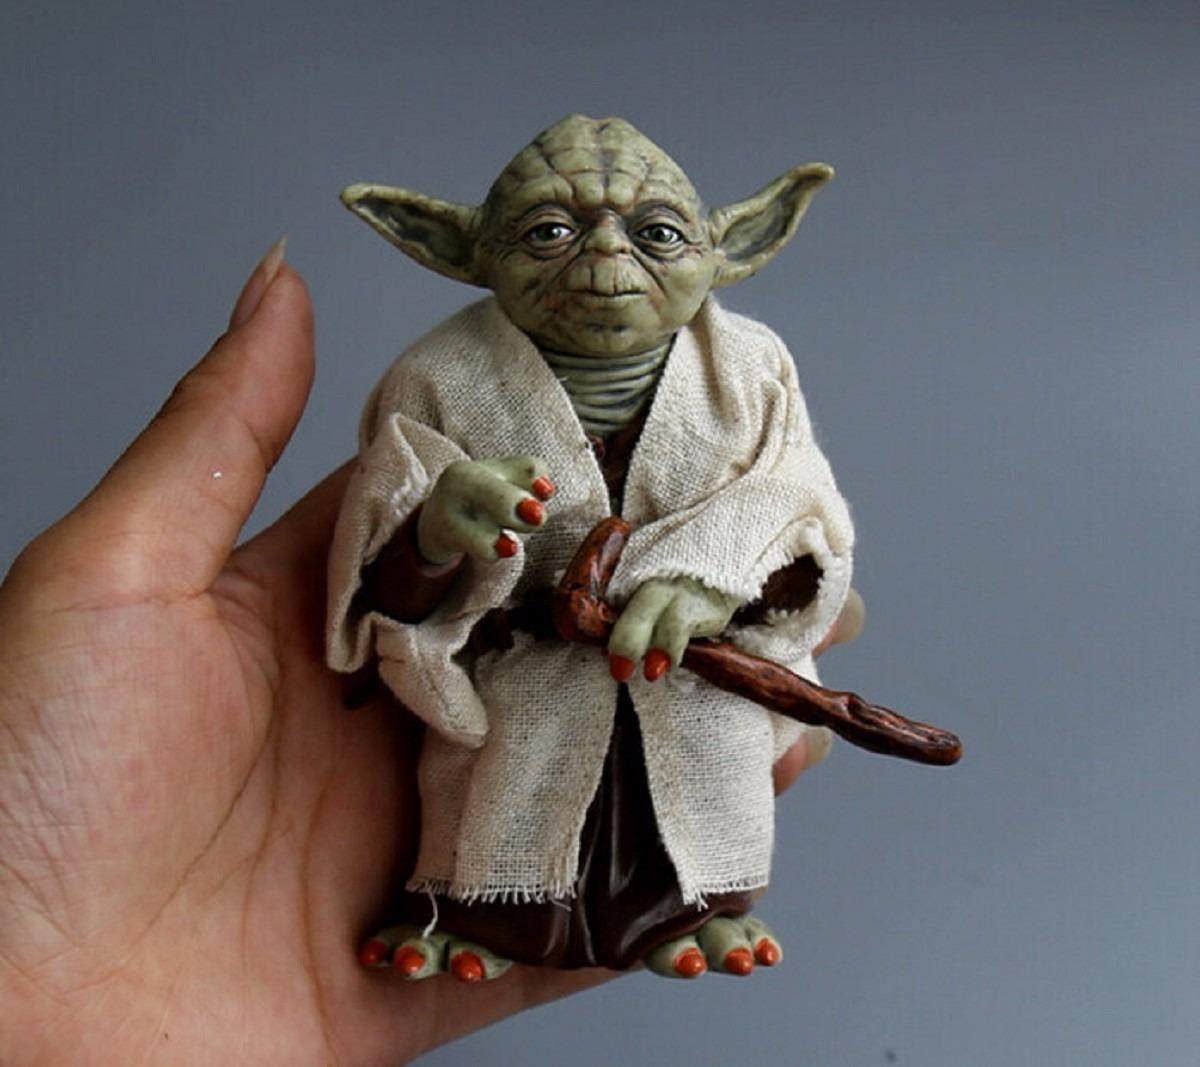 Aparador Sala De Jantar Moderno ~ Boneco Mestre Yoda Action Figure Star Wars 12cm Jedi Coleç u00e3o R$ 85,49 em Mercado Livre